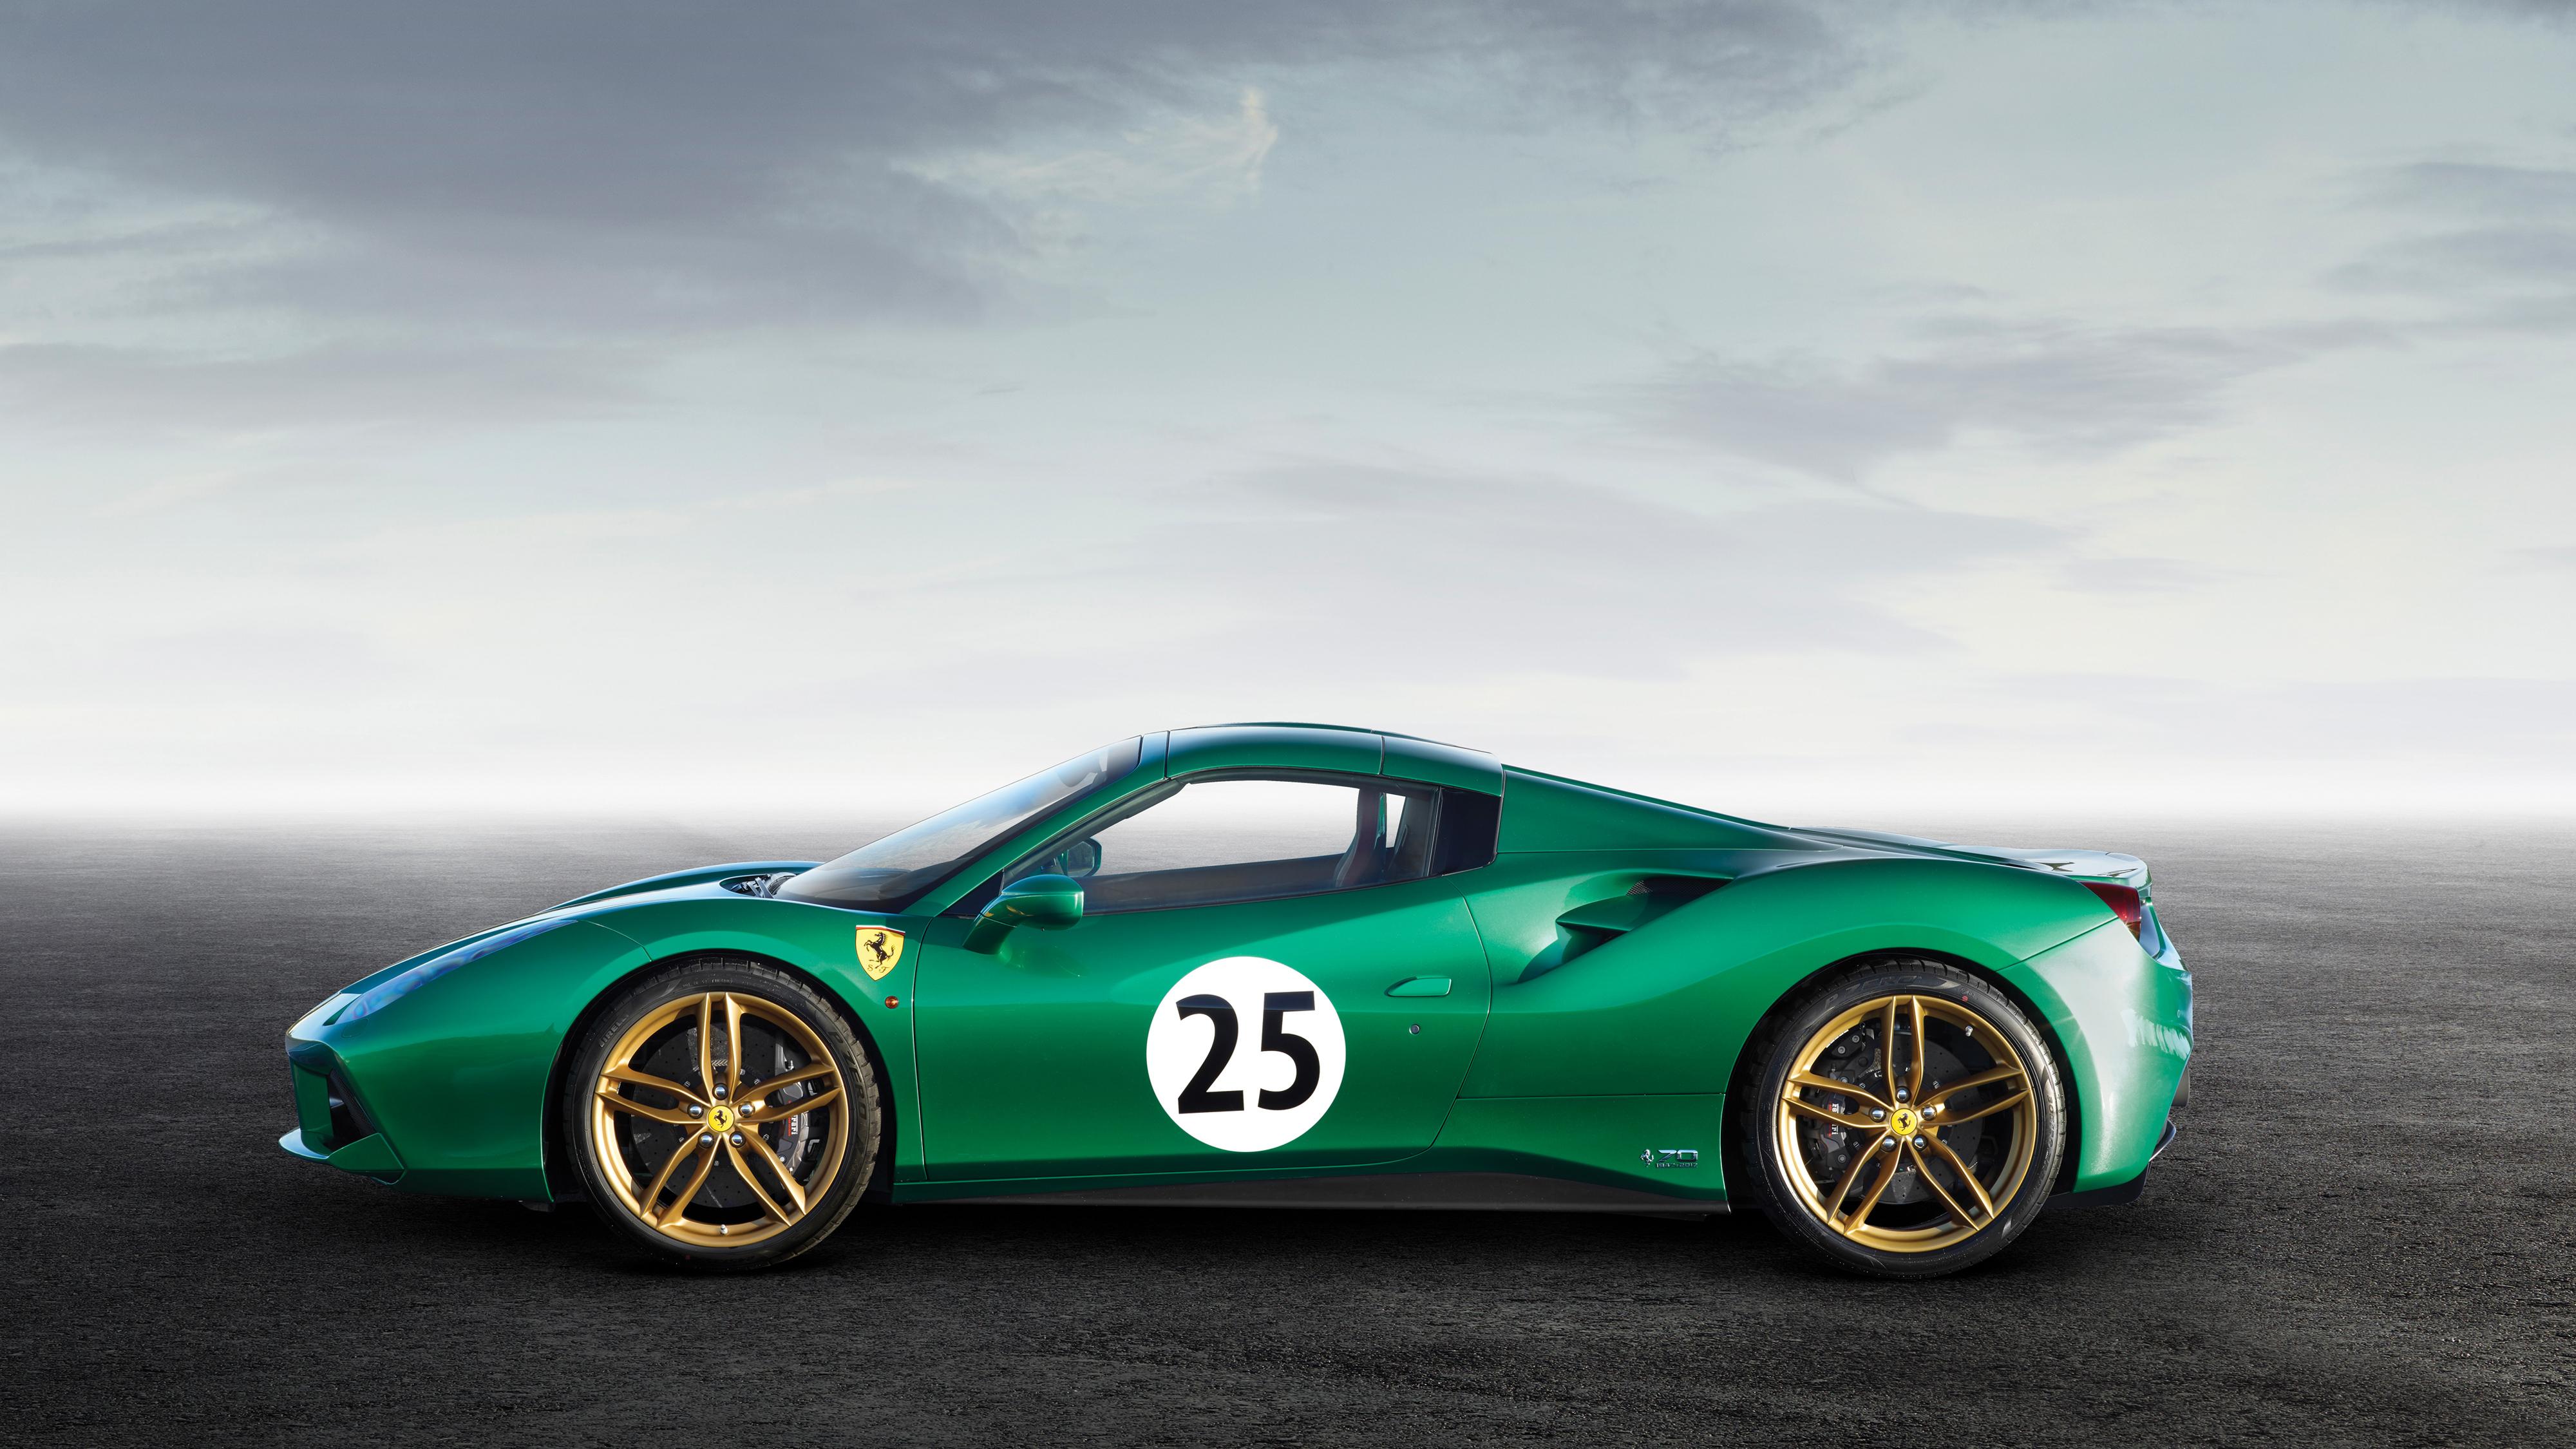 Ferrari Spider The Green Jewel K Hd